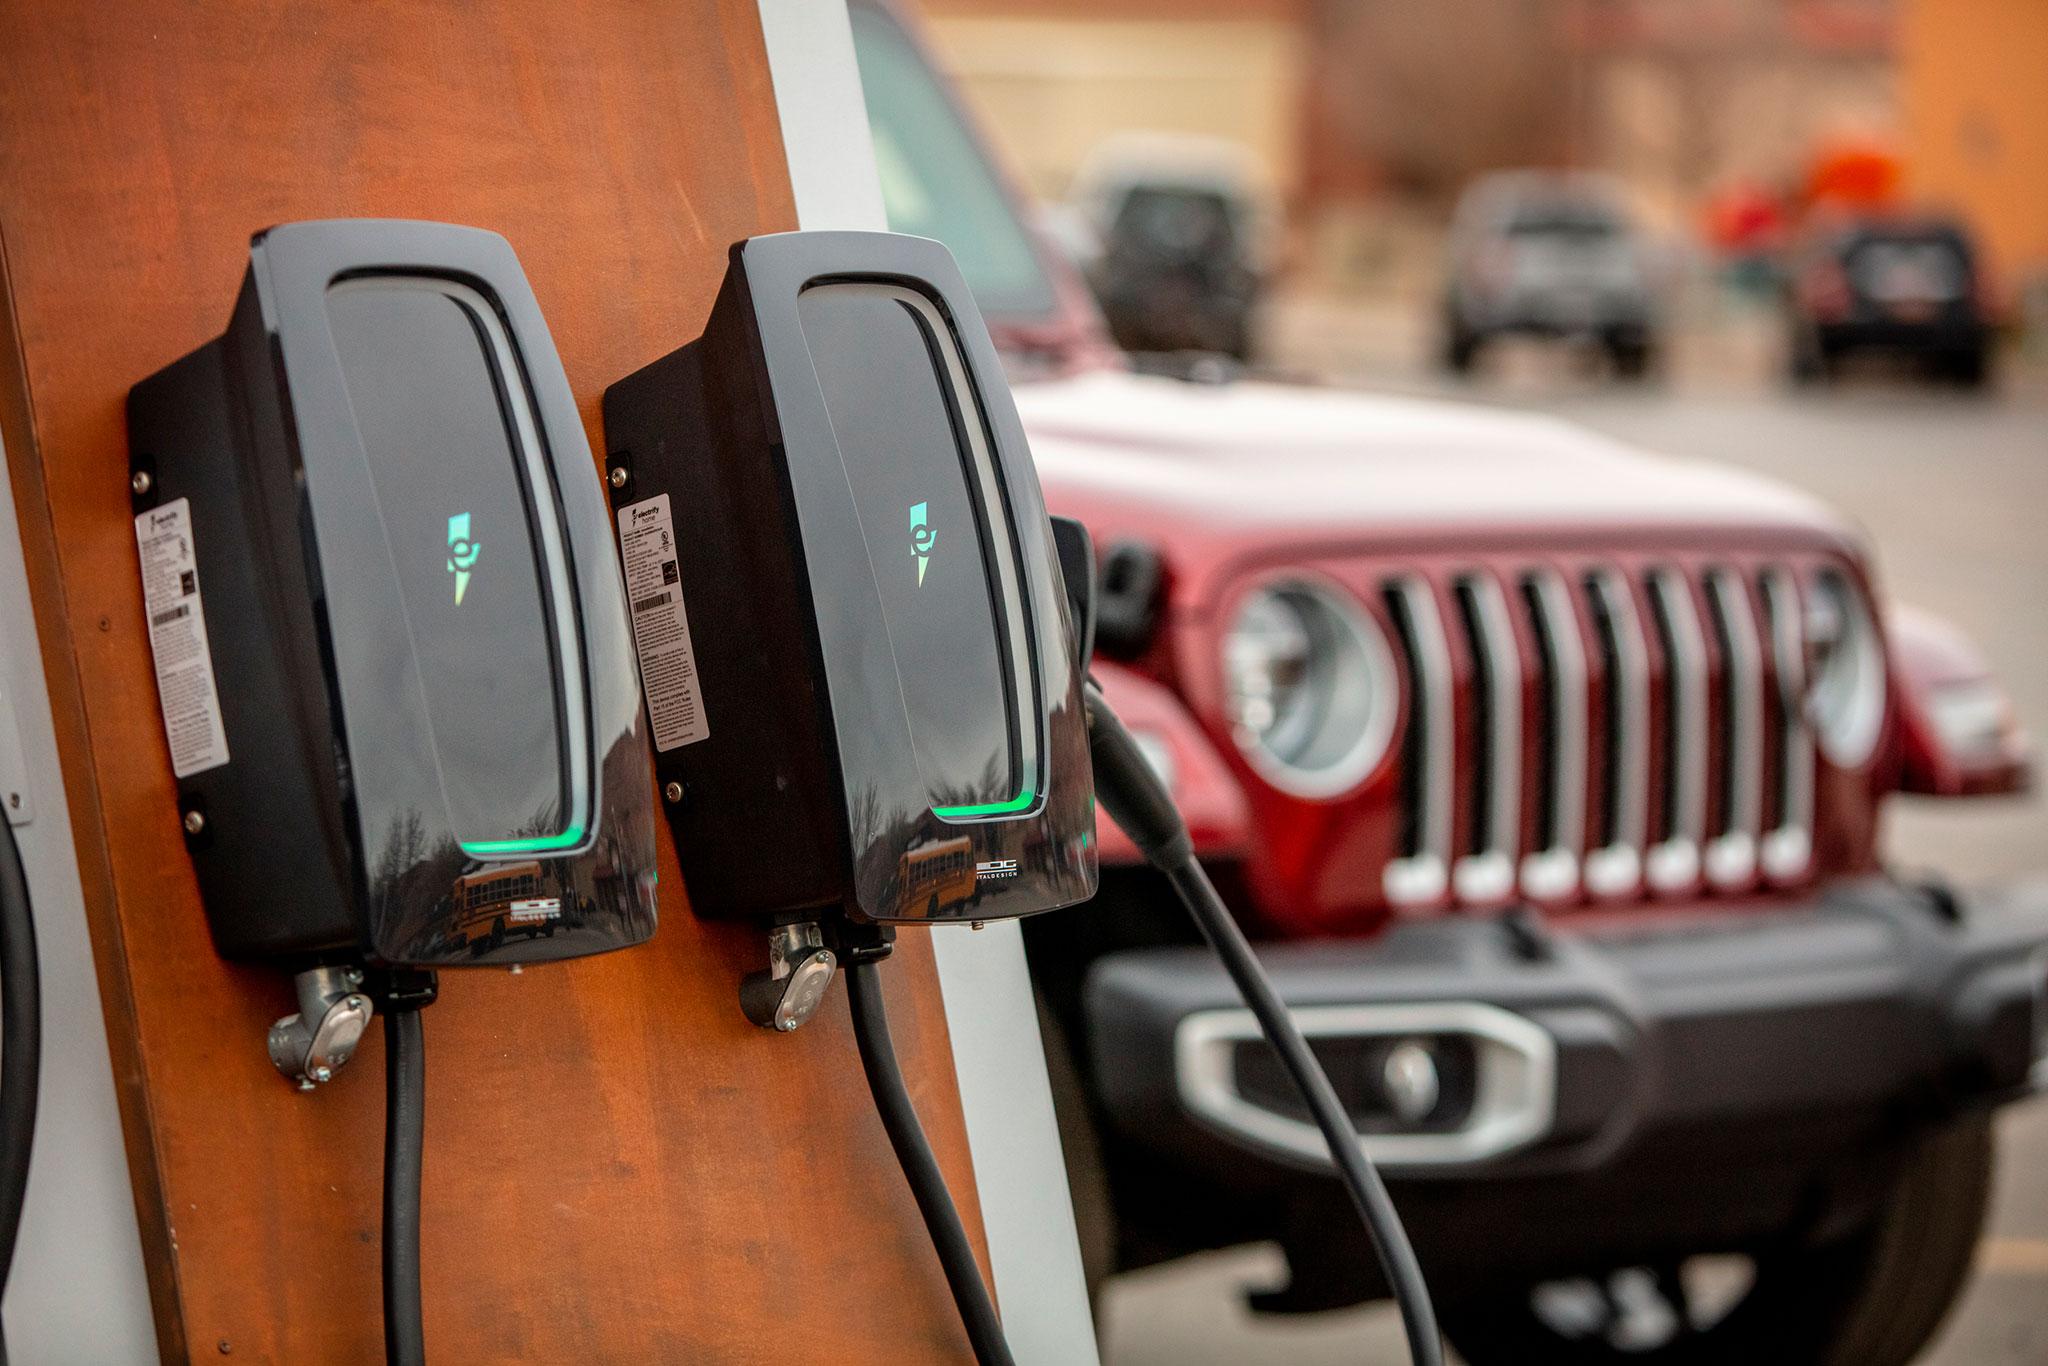 2021 Jeep Wrangler 4xe chaque borne permet de recharger deux véhicules